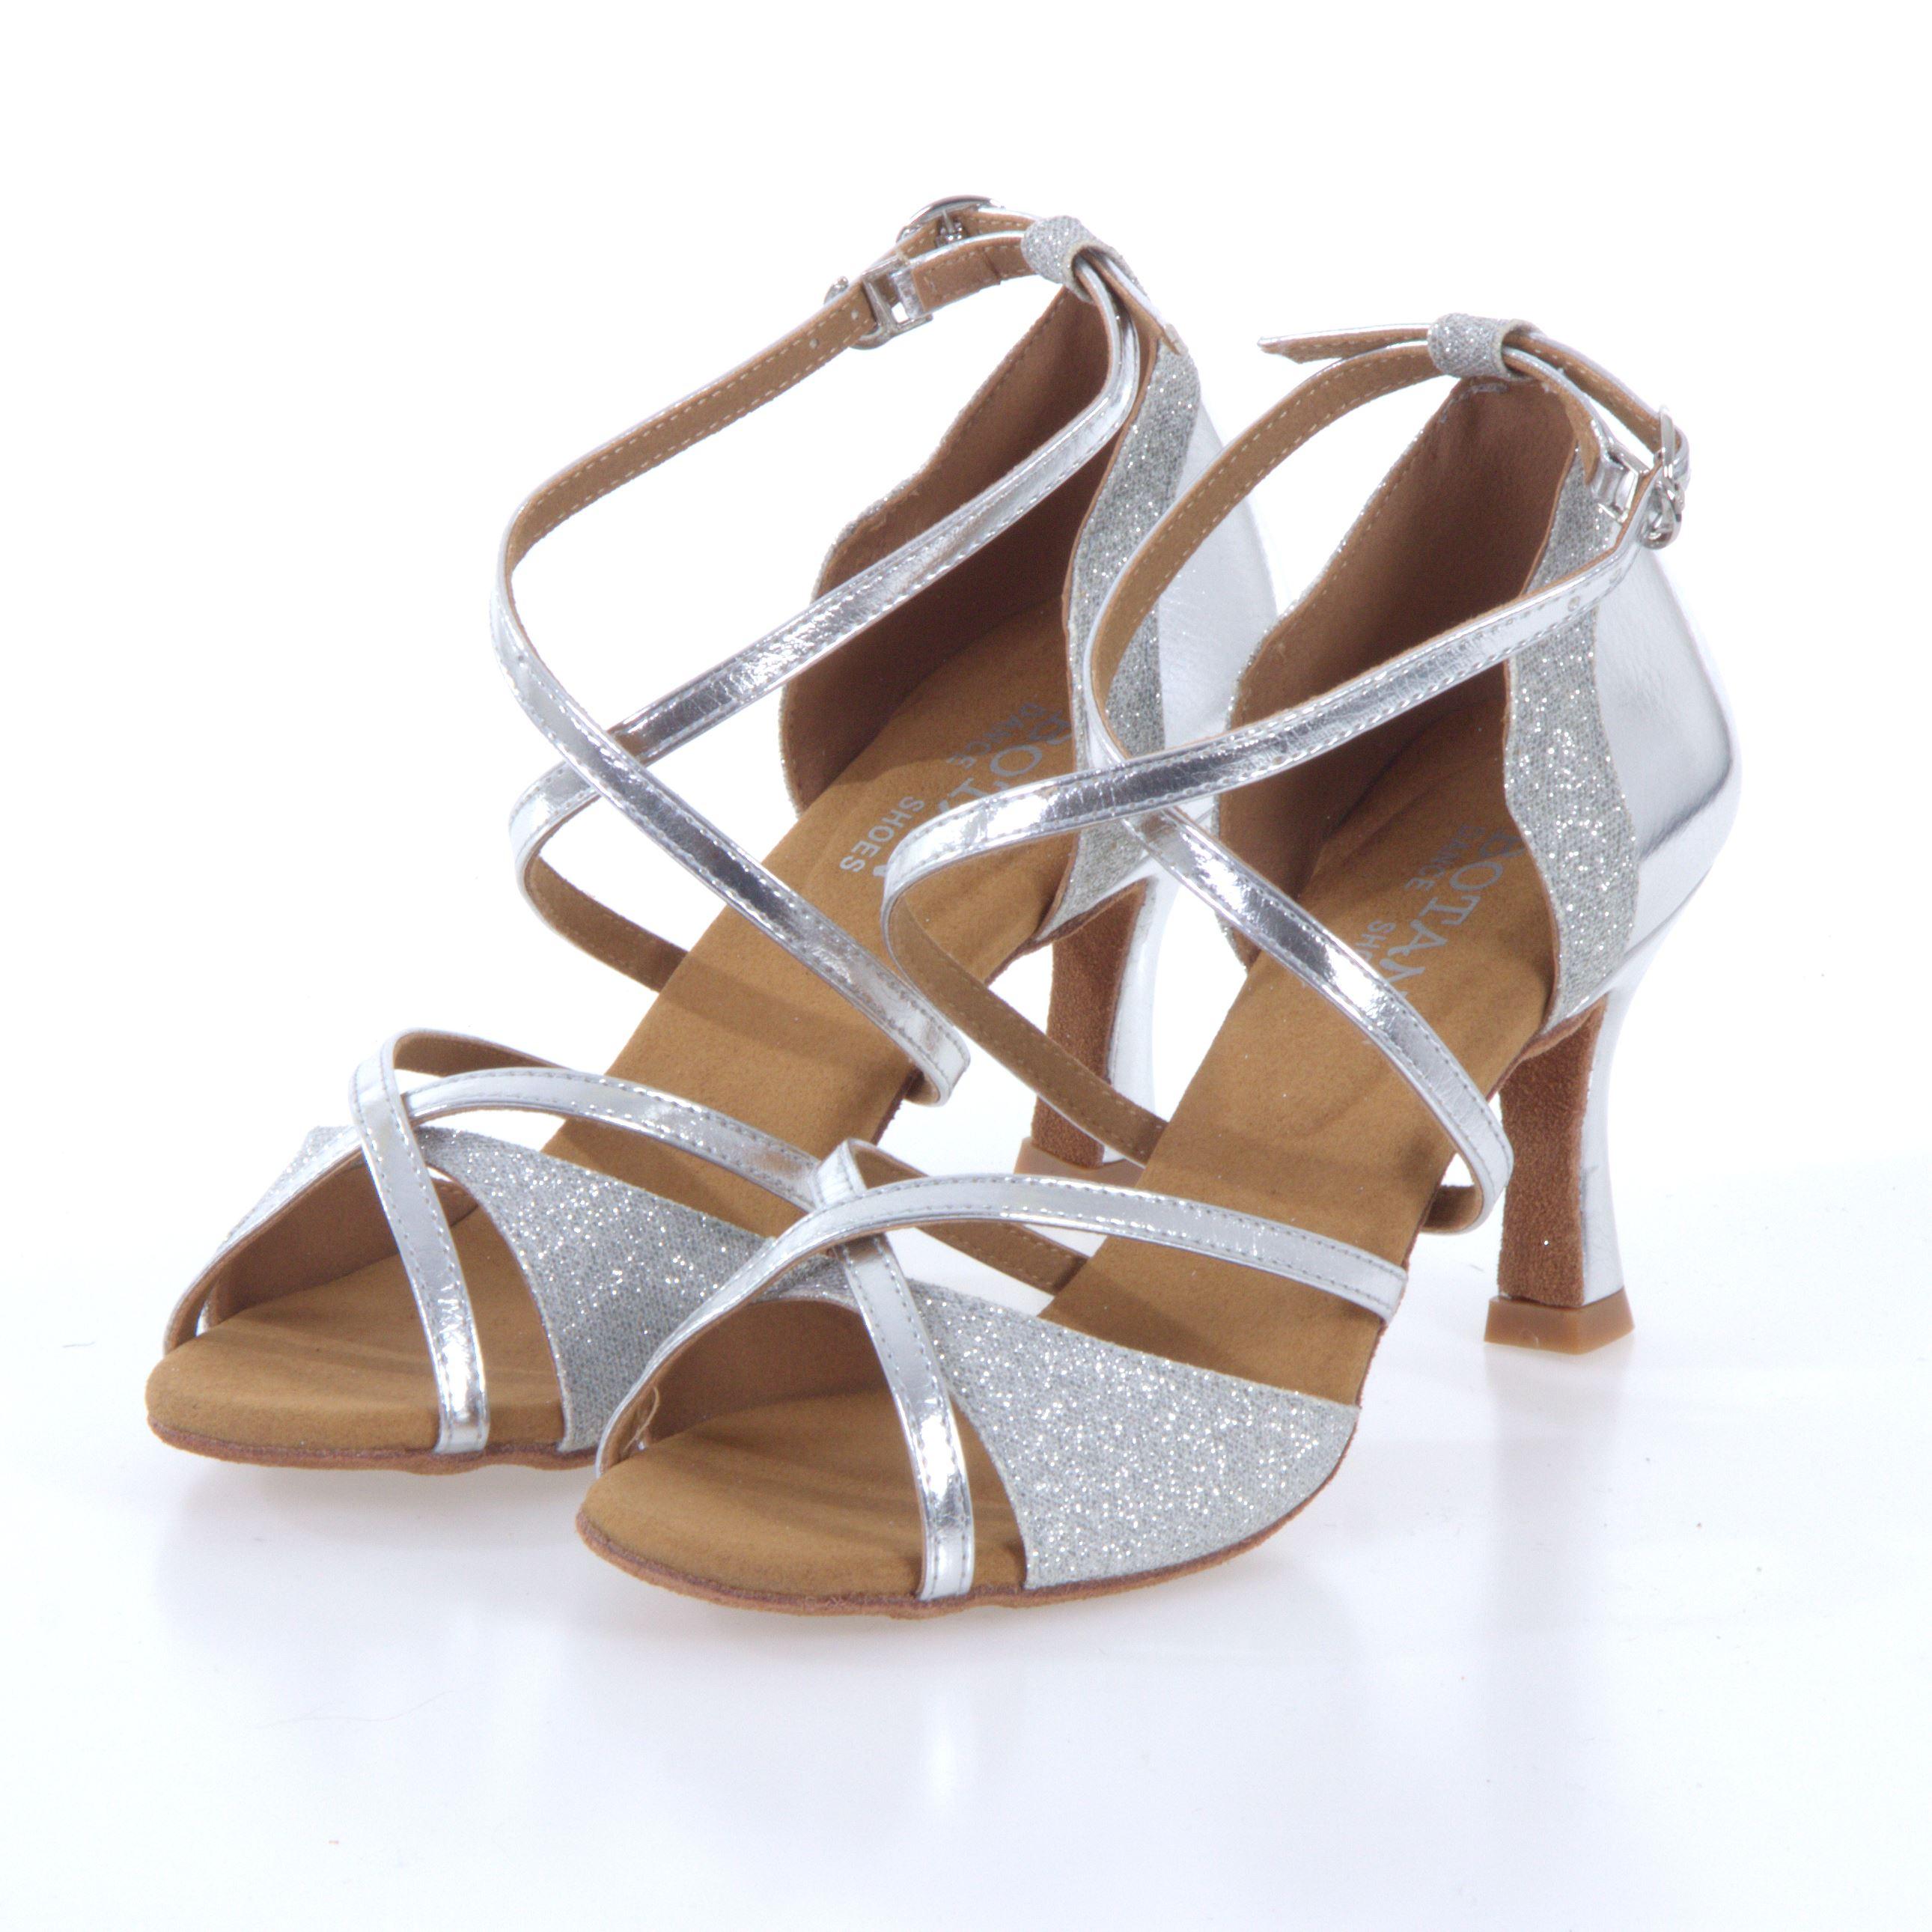 80abf91ca924 Kompletné špecifikácie · Na stiahnutie · Súvisiaci tovar. Nové tanečné  topánky Botan ...